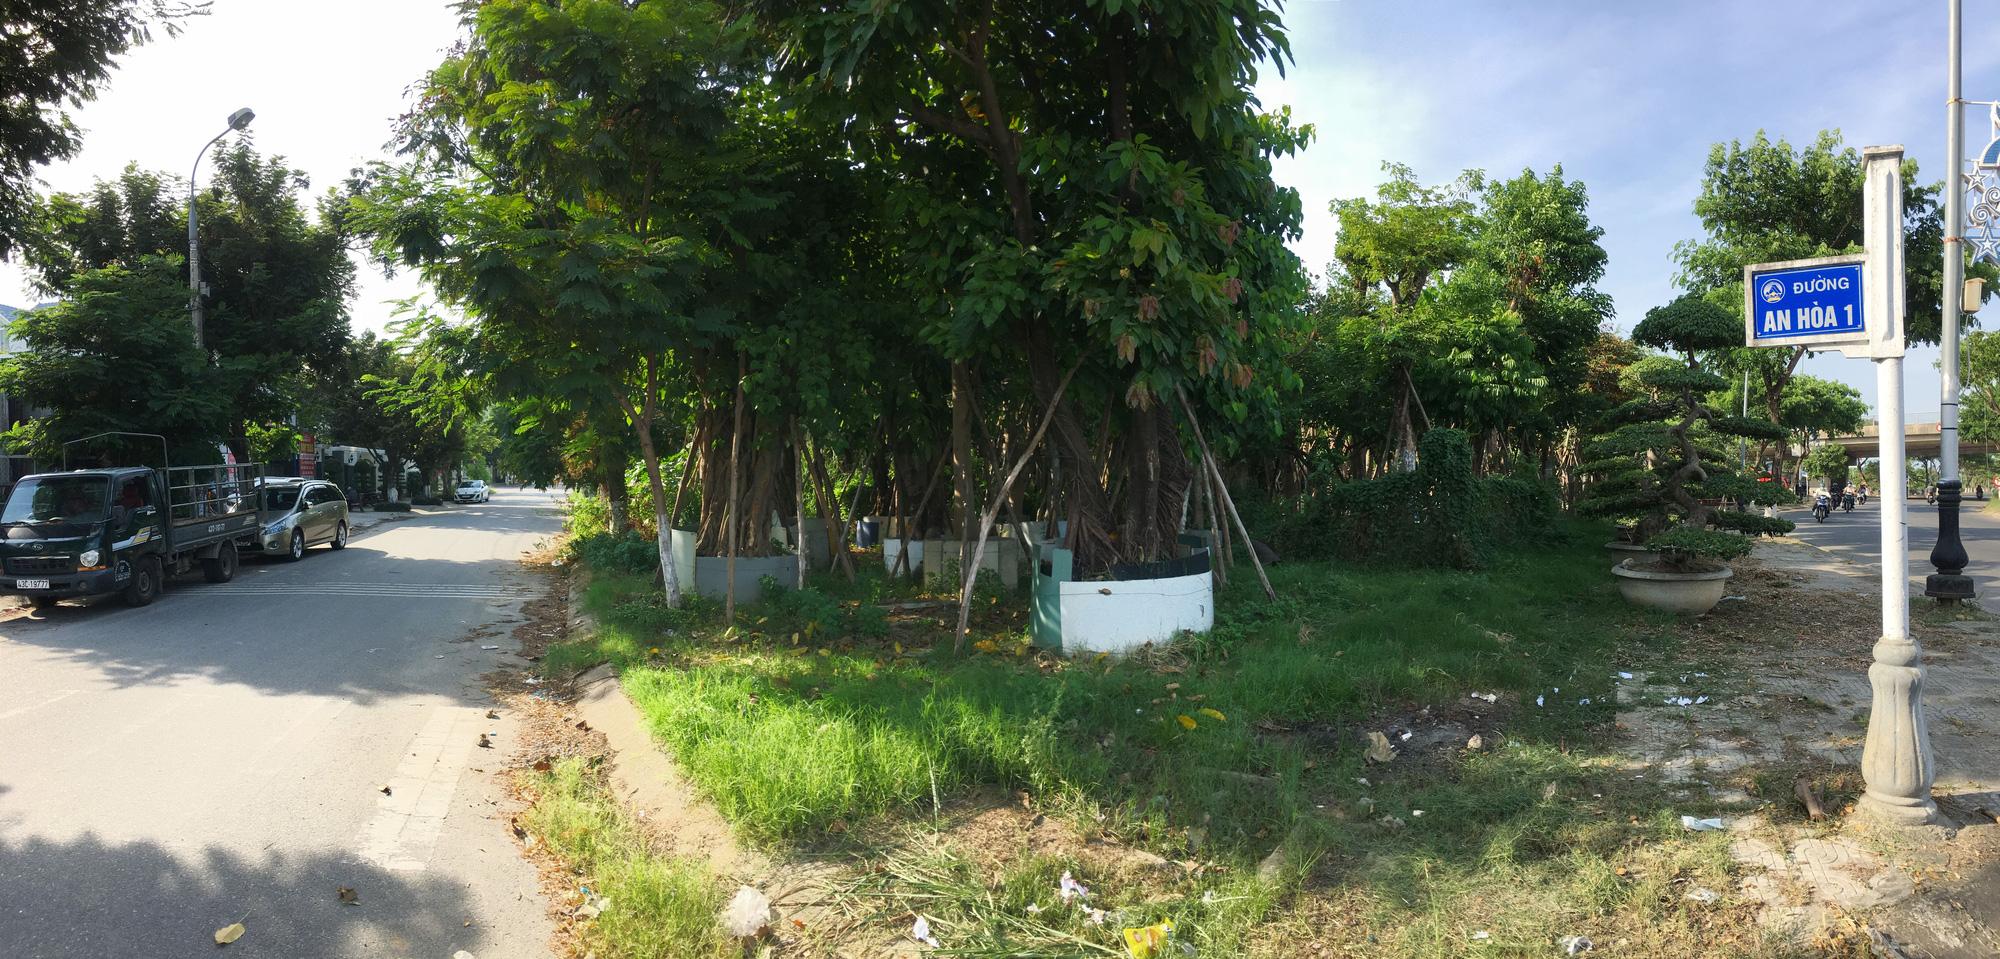 Cận cảnh hai khu đất ở quận Cẩm Lệ, Đà Nẵng sẽ đấu giá làm bãi đỗ xe - Ảnh 4.